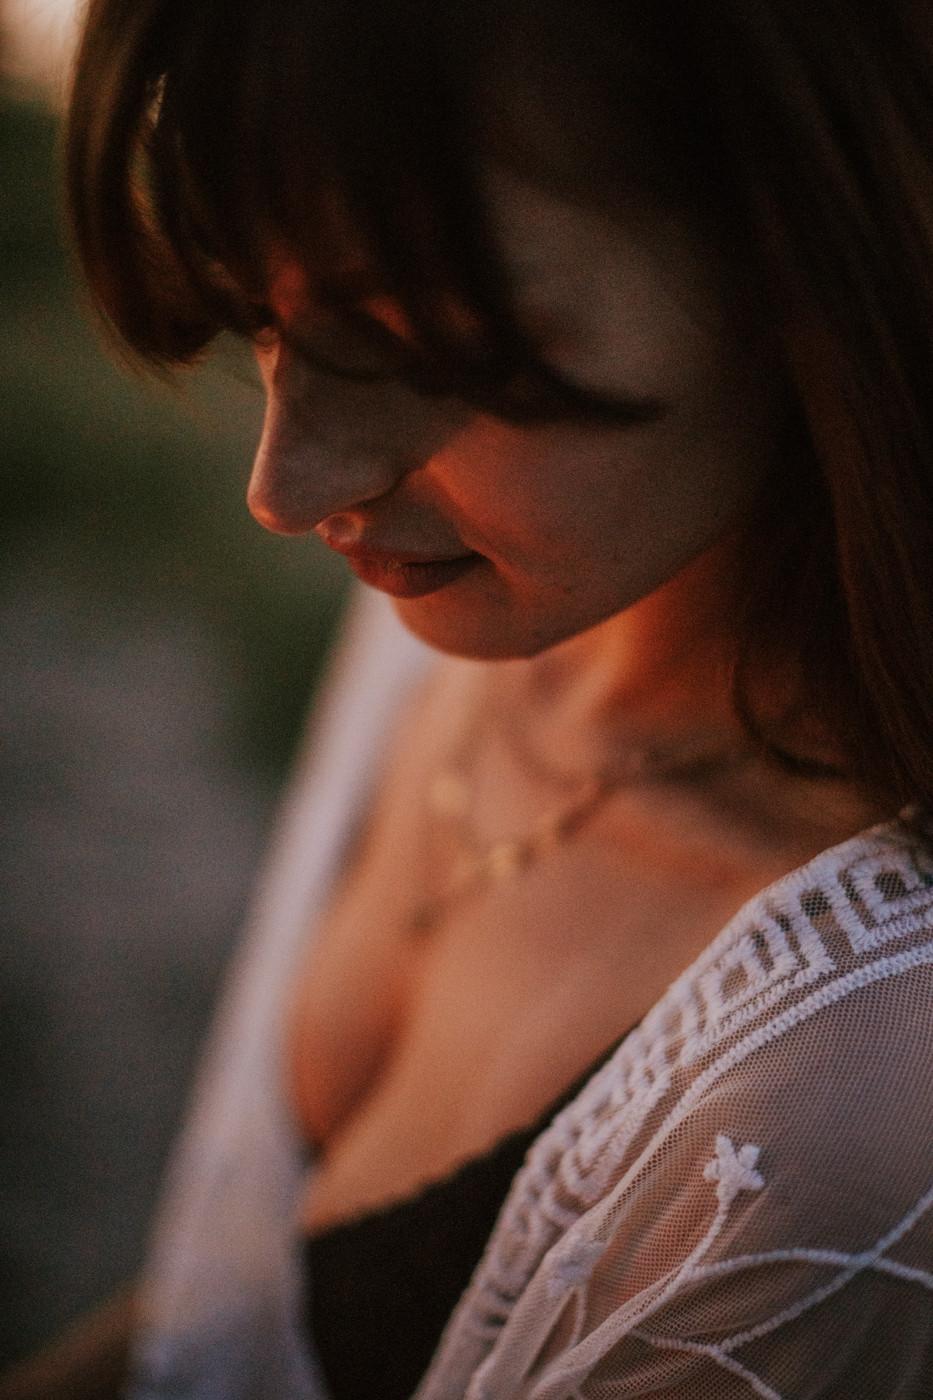 sesja narzeczeńska, narzeczeni, sesja ślubna, plener ślubny, fotograf warszawa, sesja nad Wisłą, plaża nad Wisłą, Warszawa, schodki nad Wisłą, romantyczne zdjęcia, sesja po zmroku, sesja przy ognisku, fotograf ślubny Warszawa